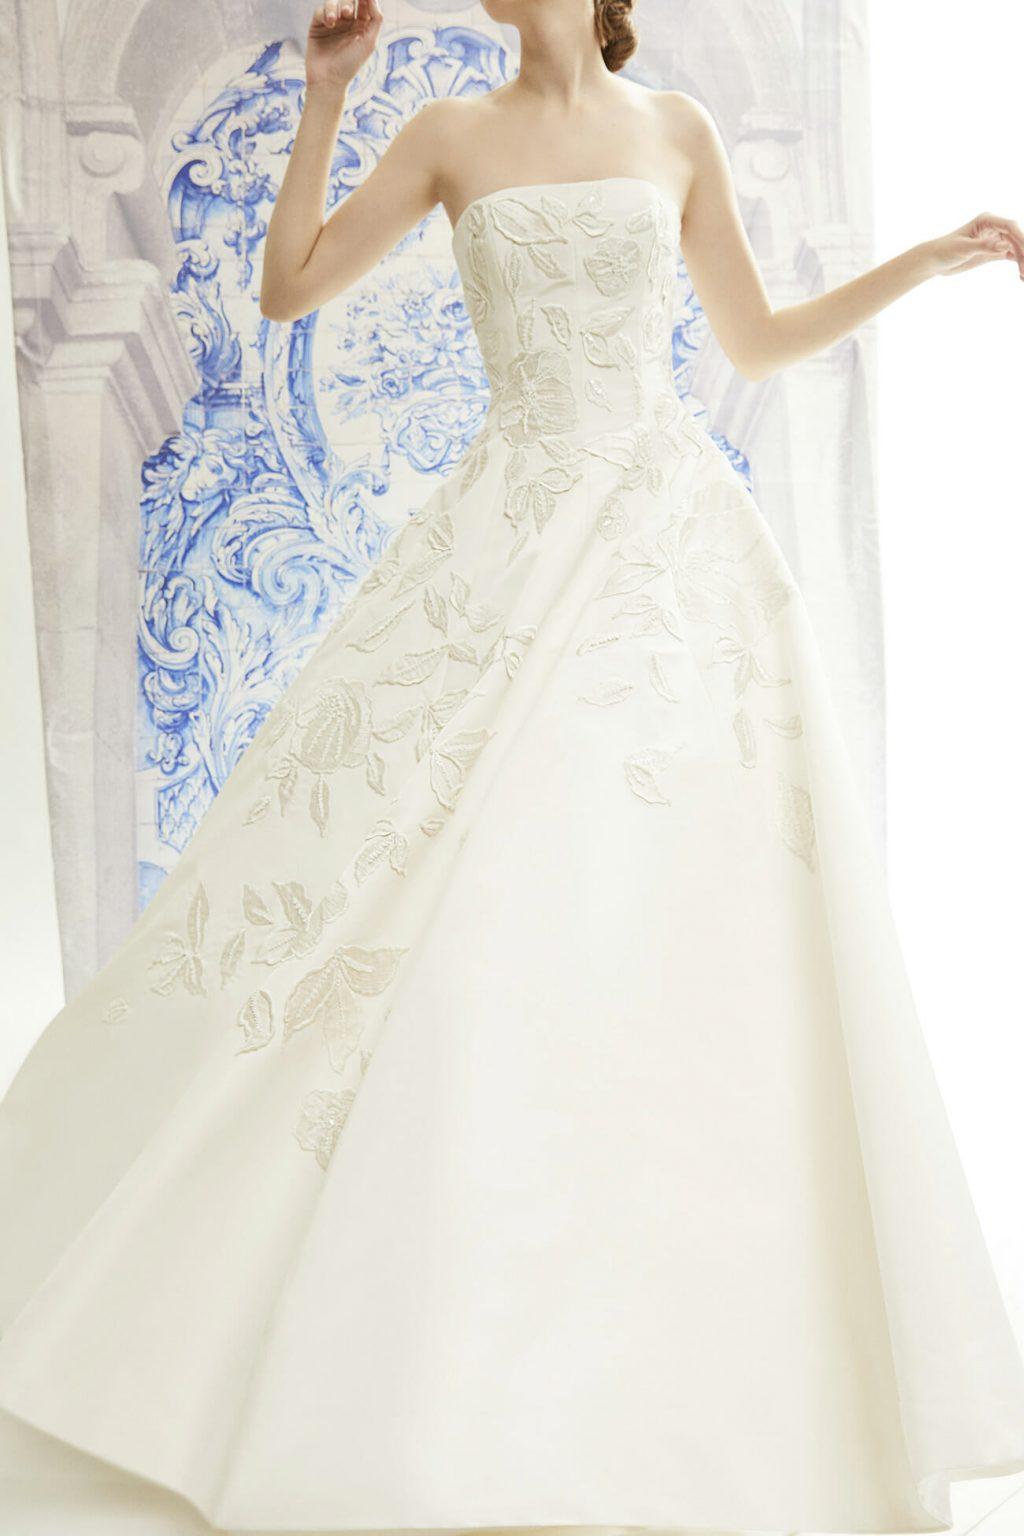 thương hiệu váy cưới Carolina Herrera